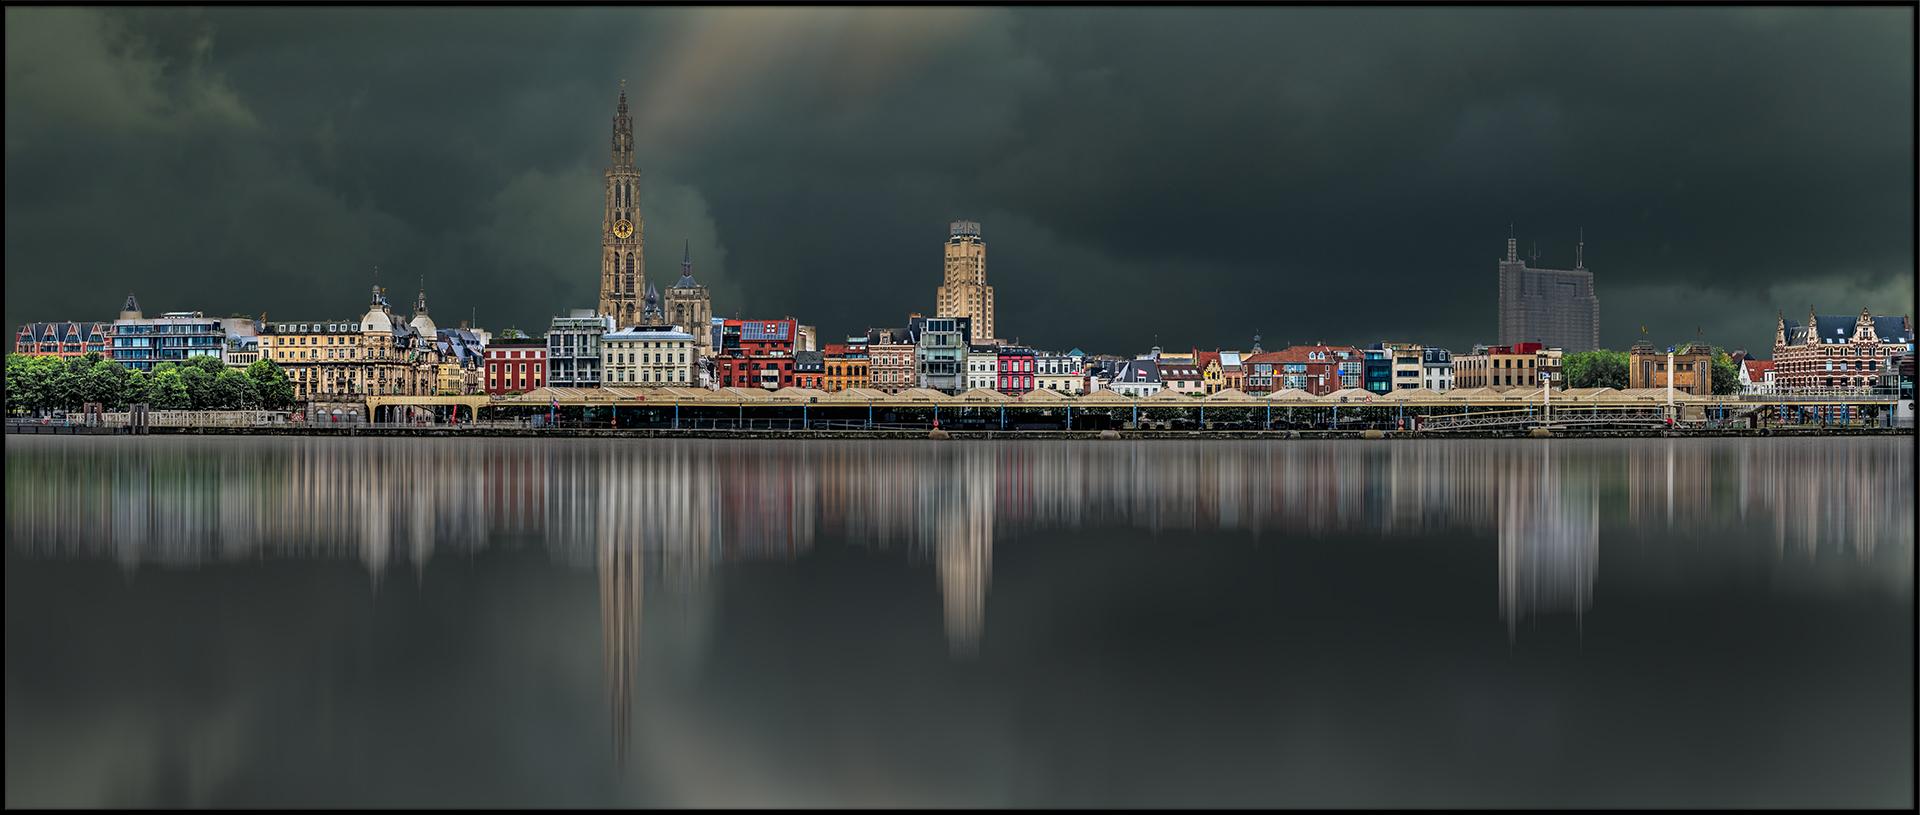 Antwerp on Schelde